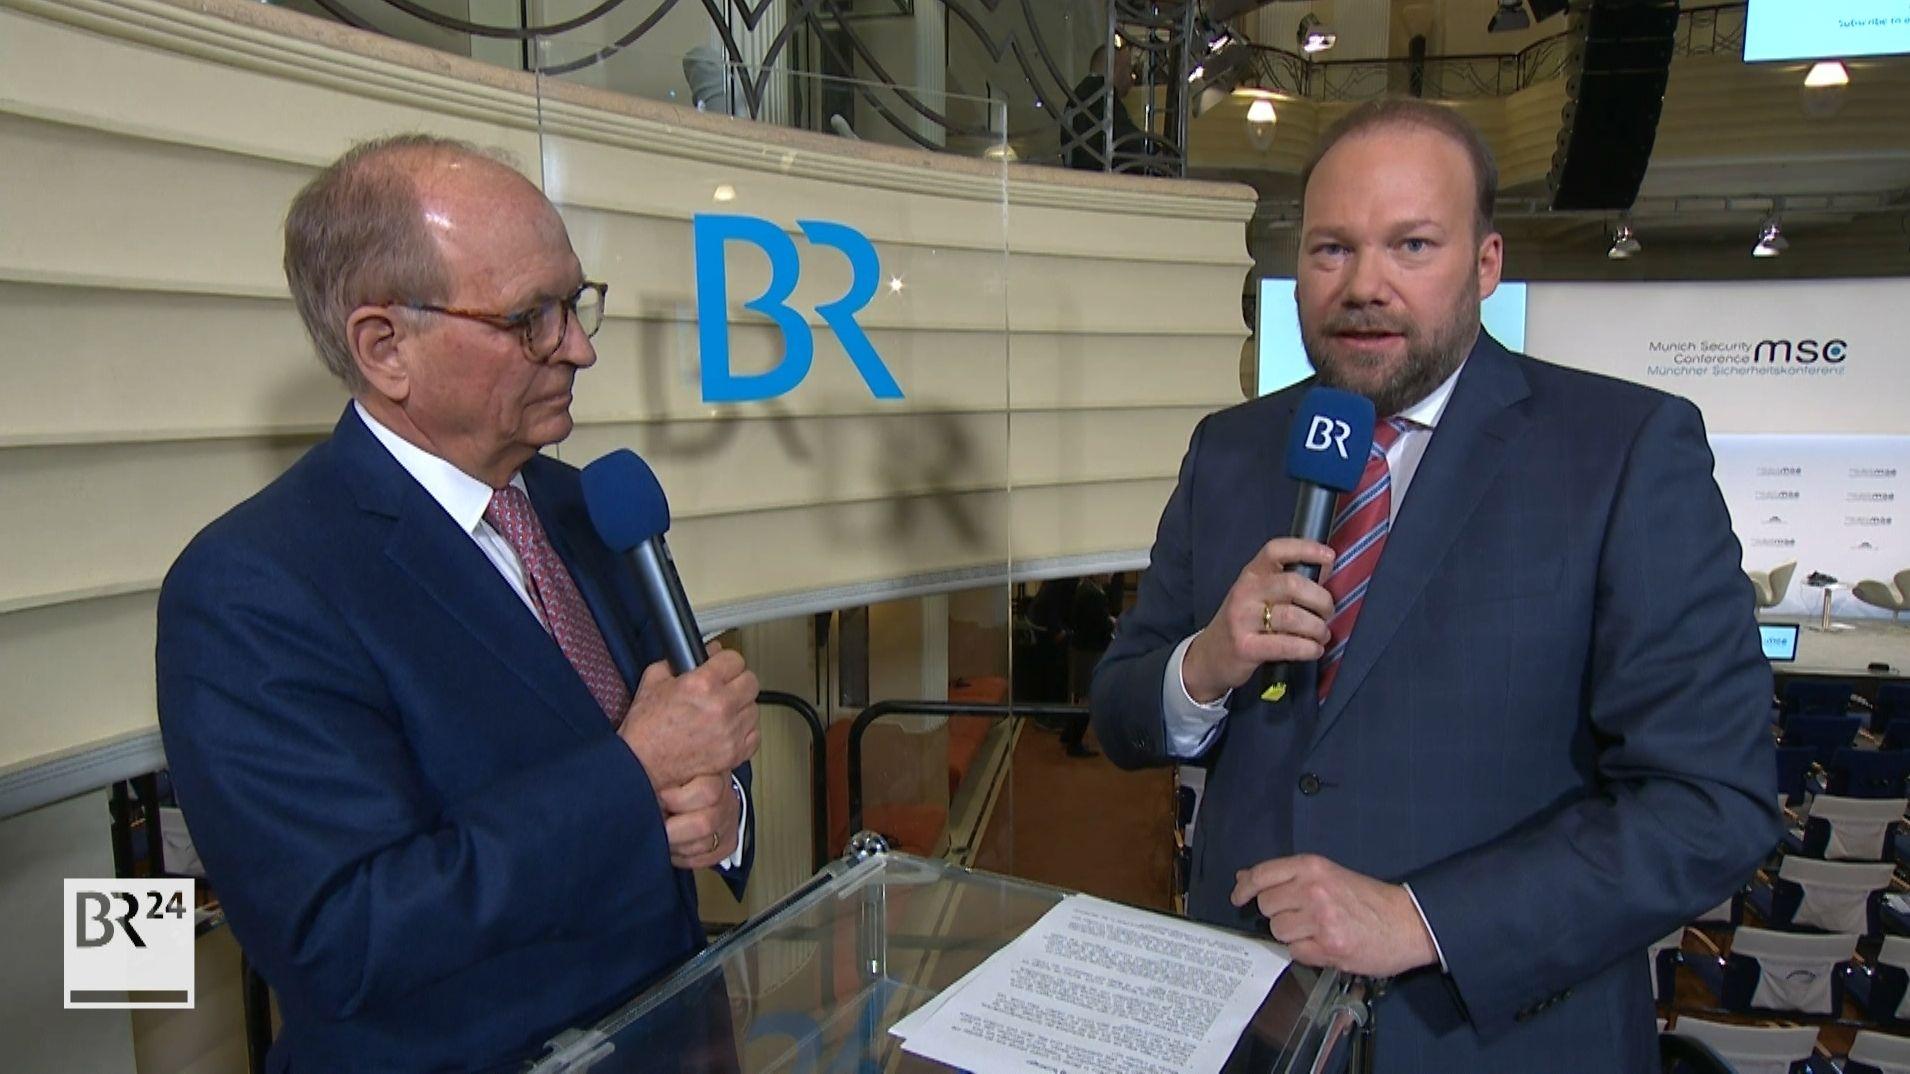 Wolfgang Ischinger, Leiter der Münchner Sicherheitskonferenz (l.) mit Andreas Bachmann